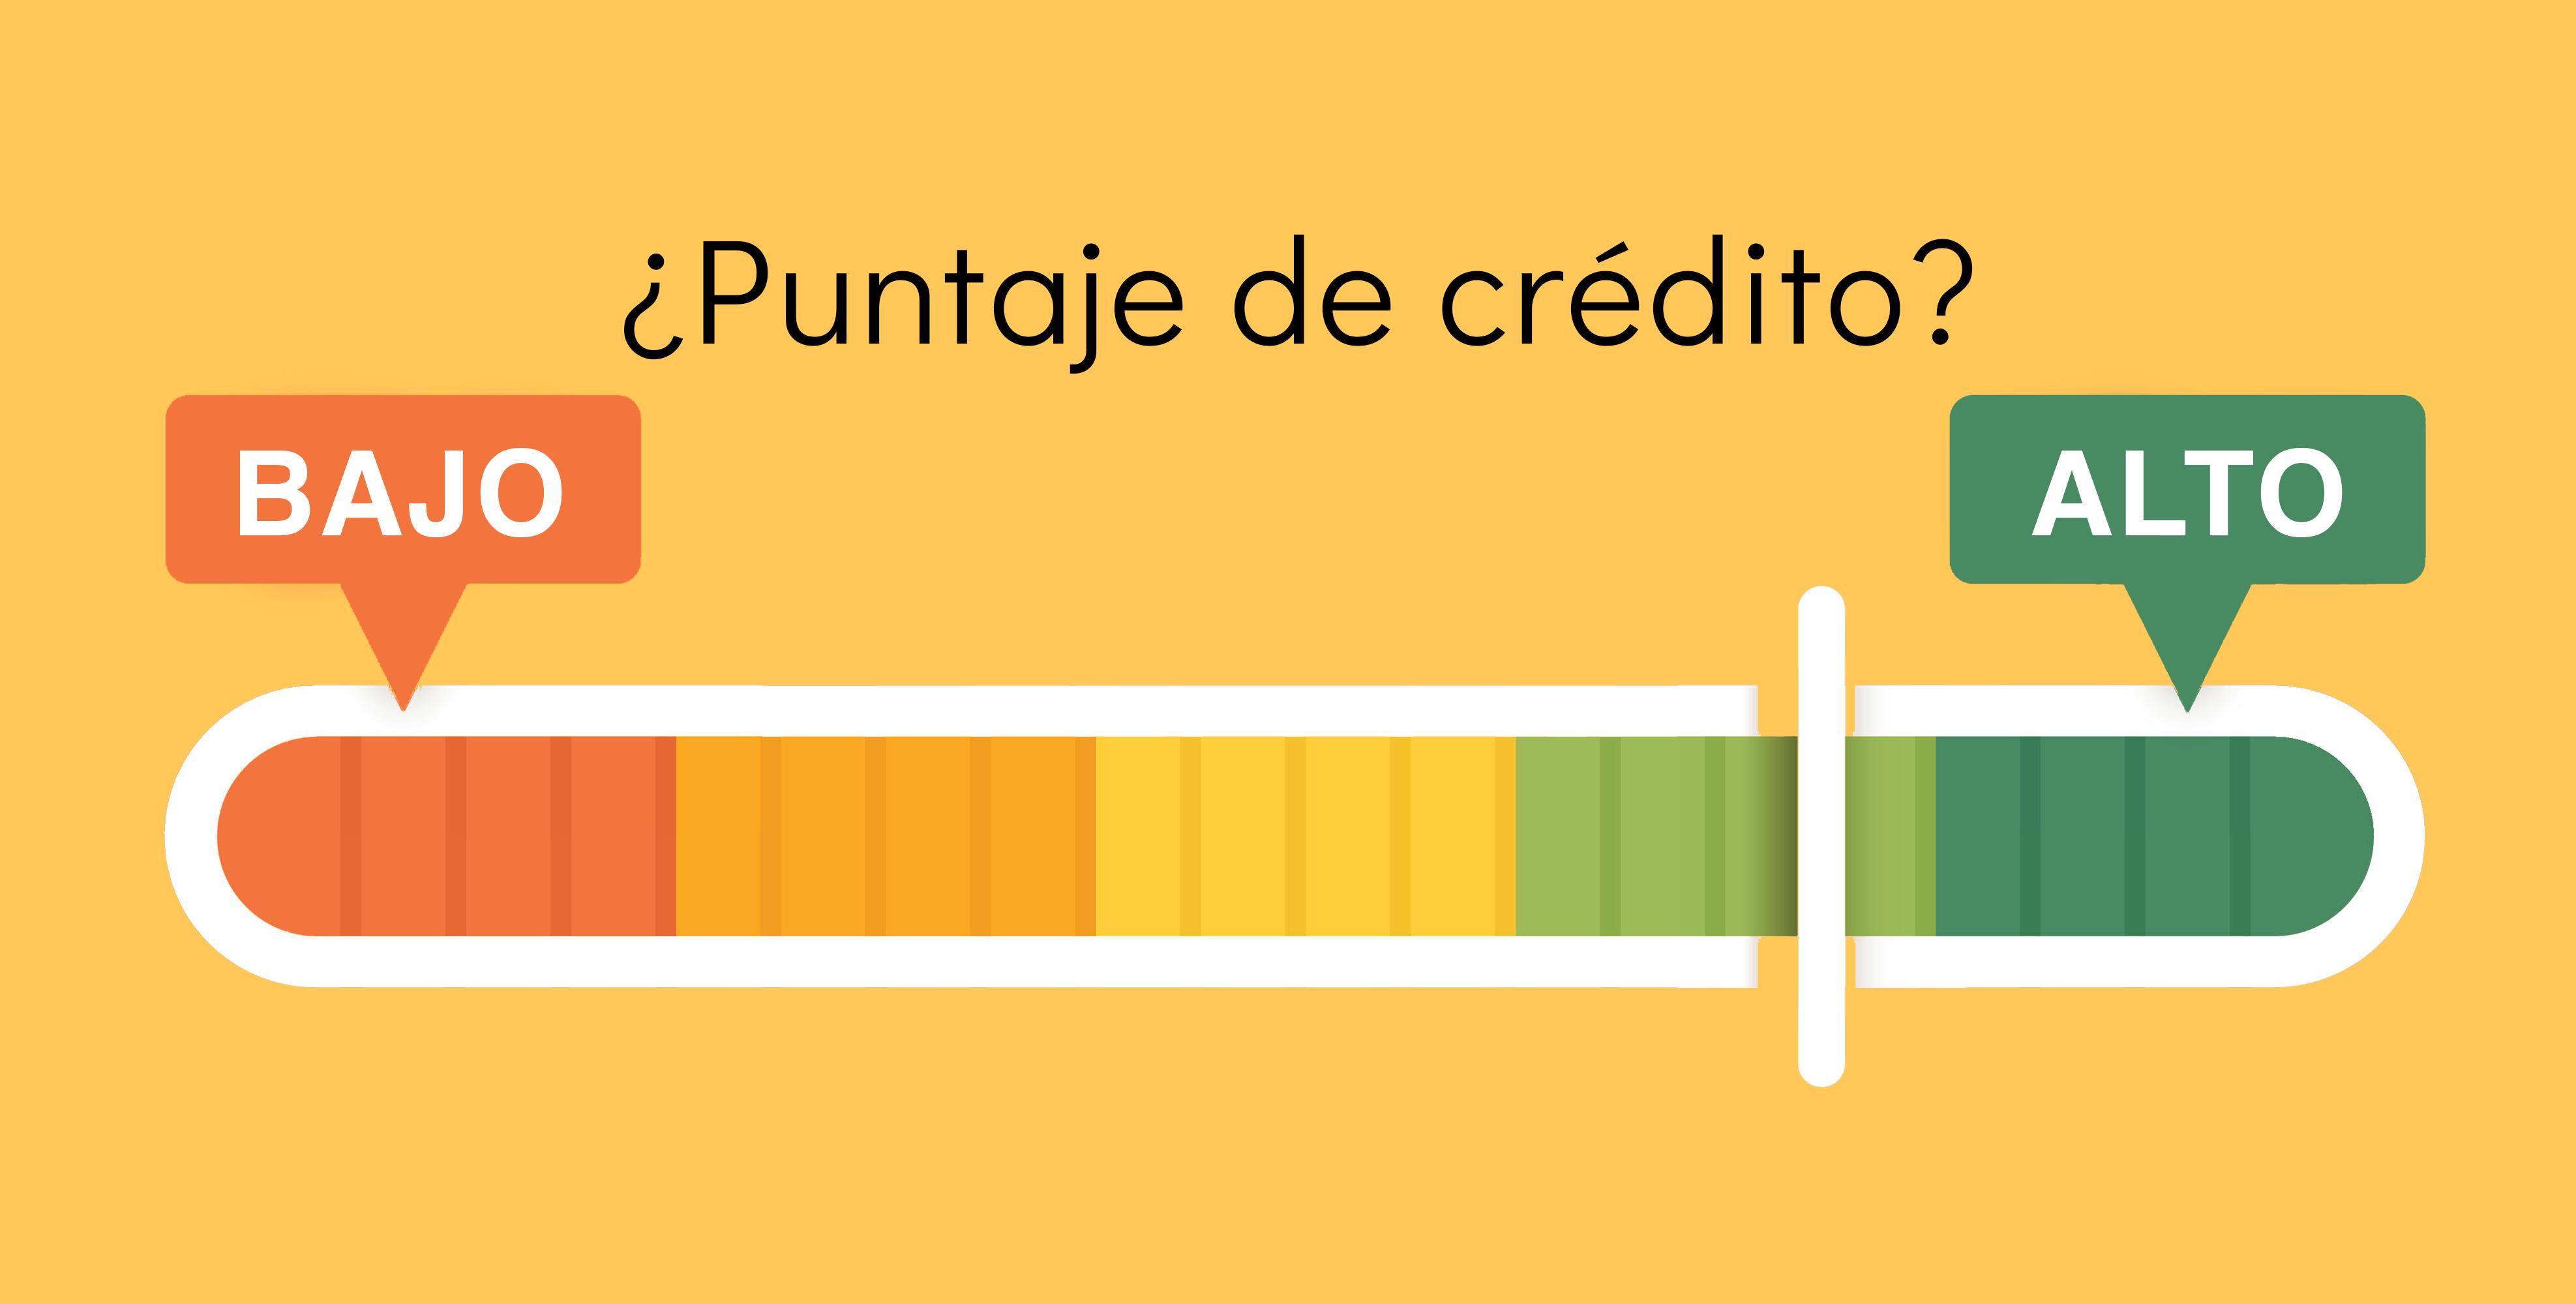 Cómo Lograr Correctamente el Puntaje de Crédito Deseado